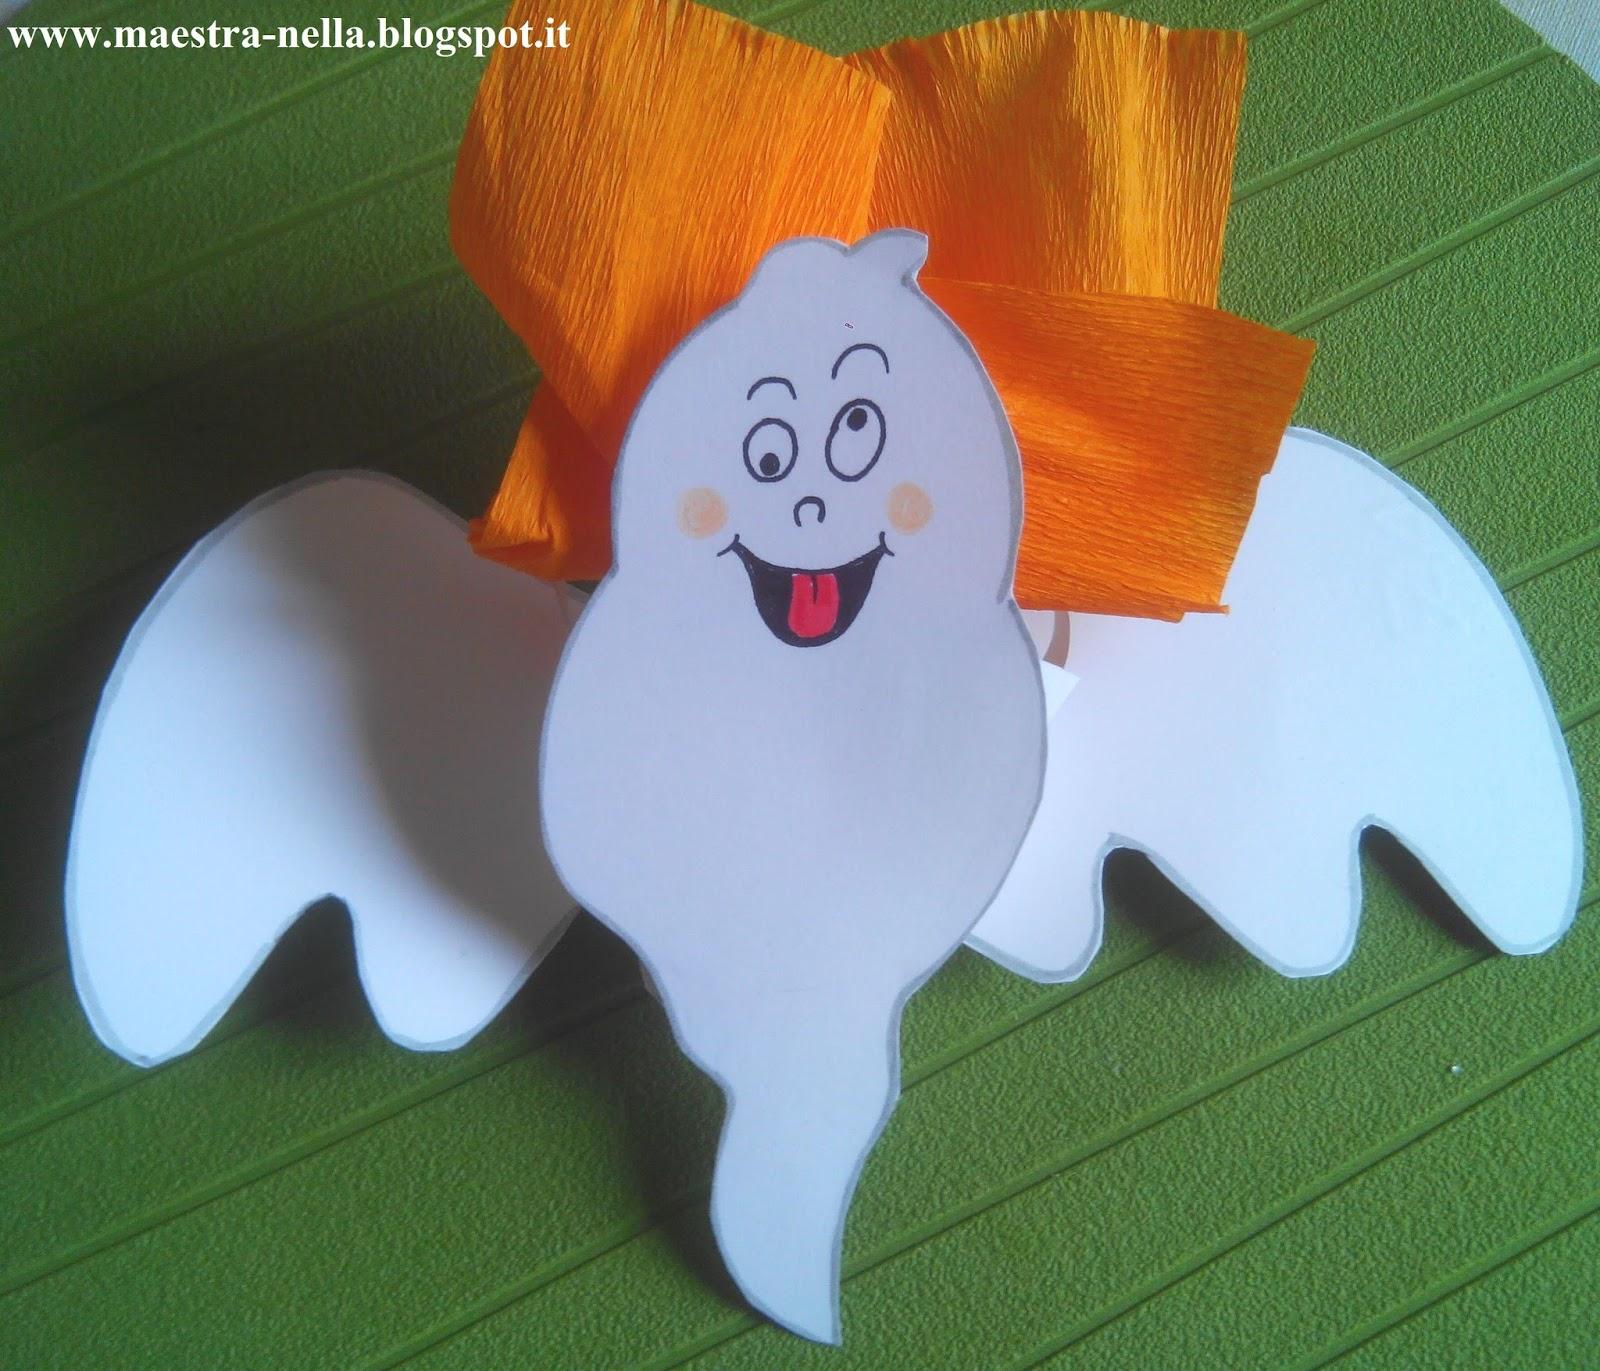 Fabuleux maestra Nella: pipistrelli e fantasmiche pauraaaa!!! MW34